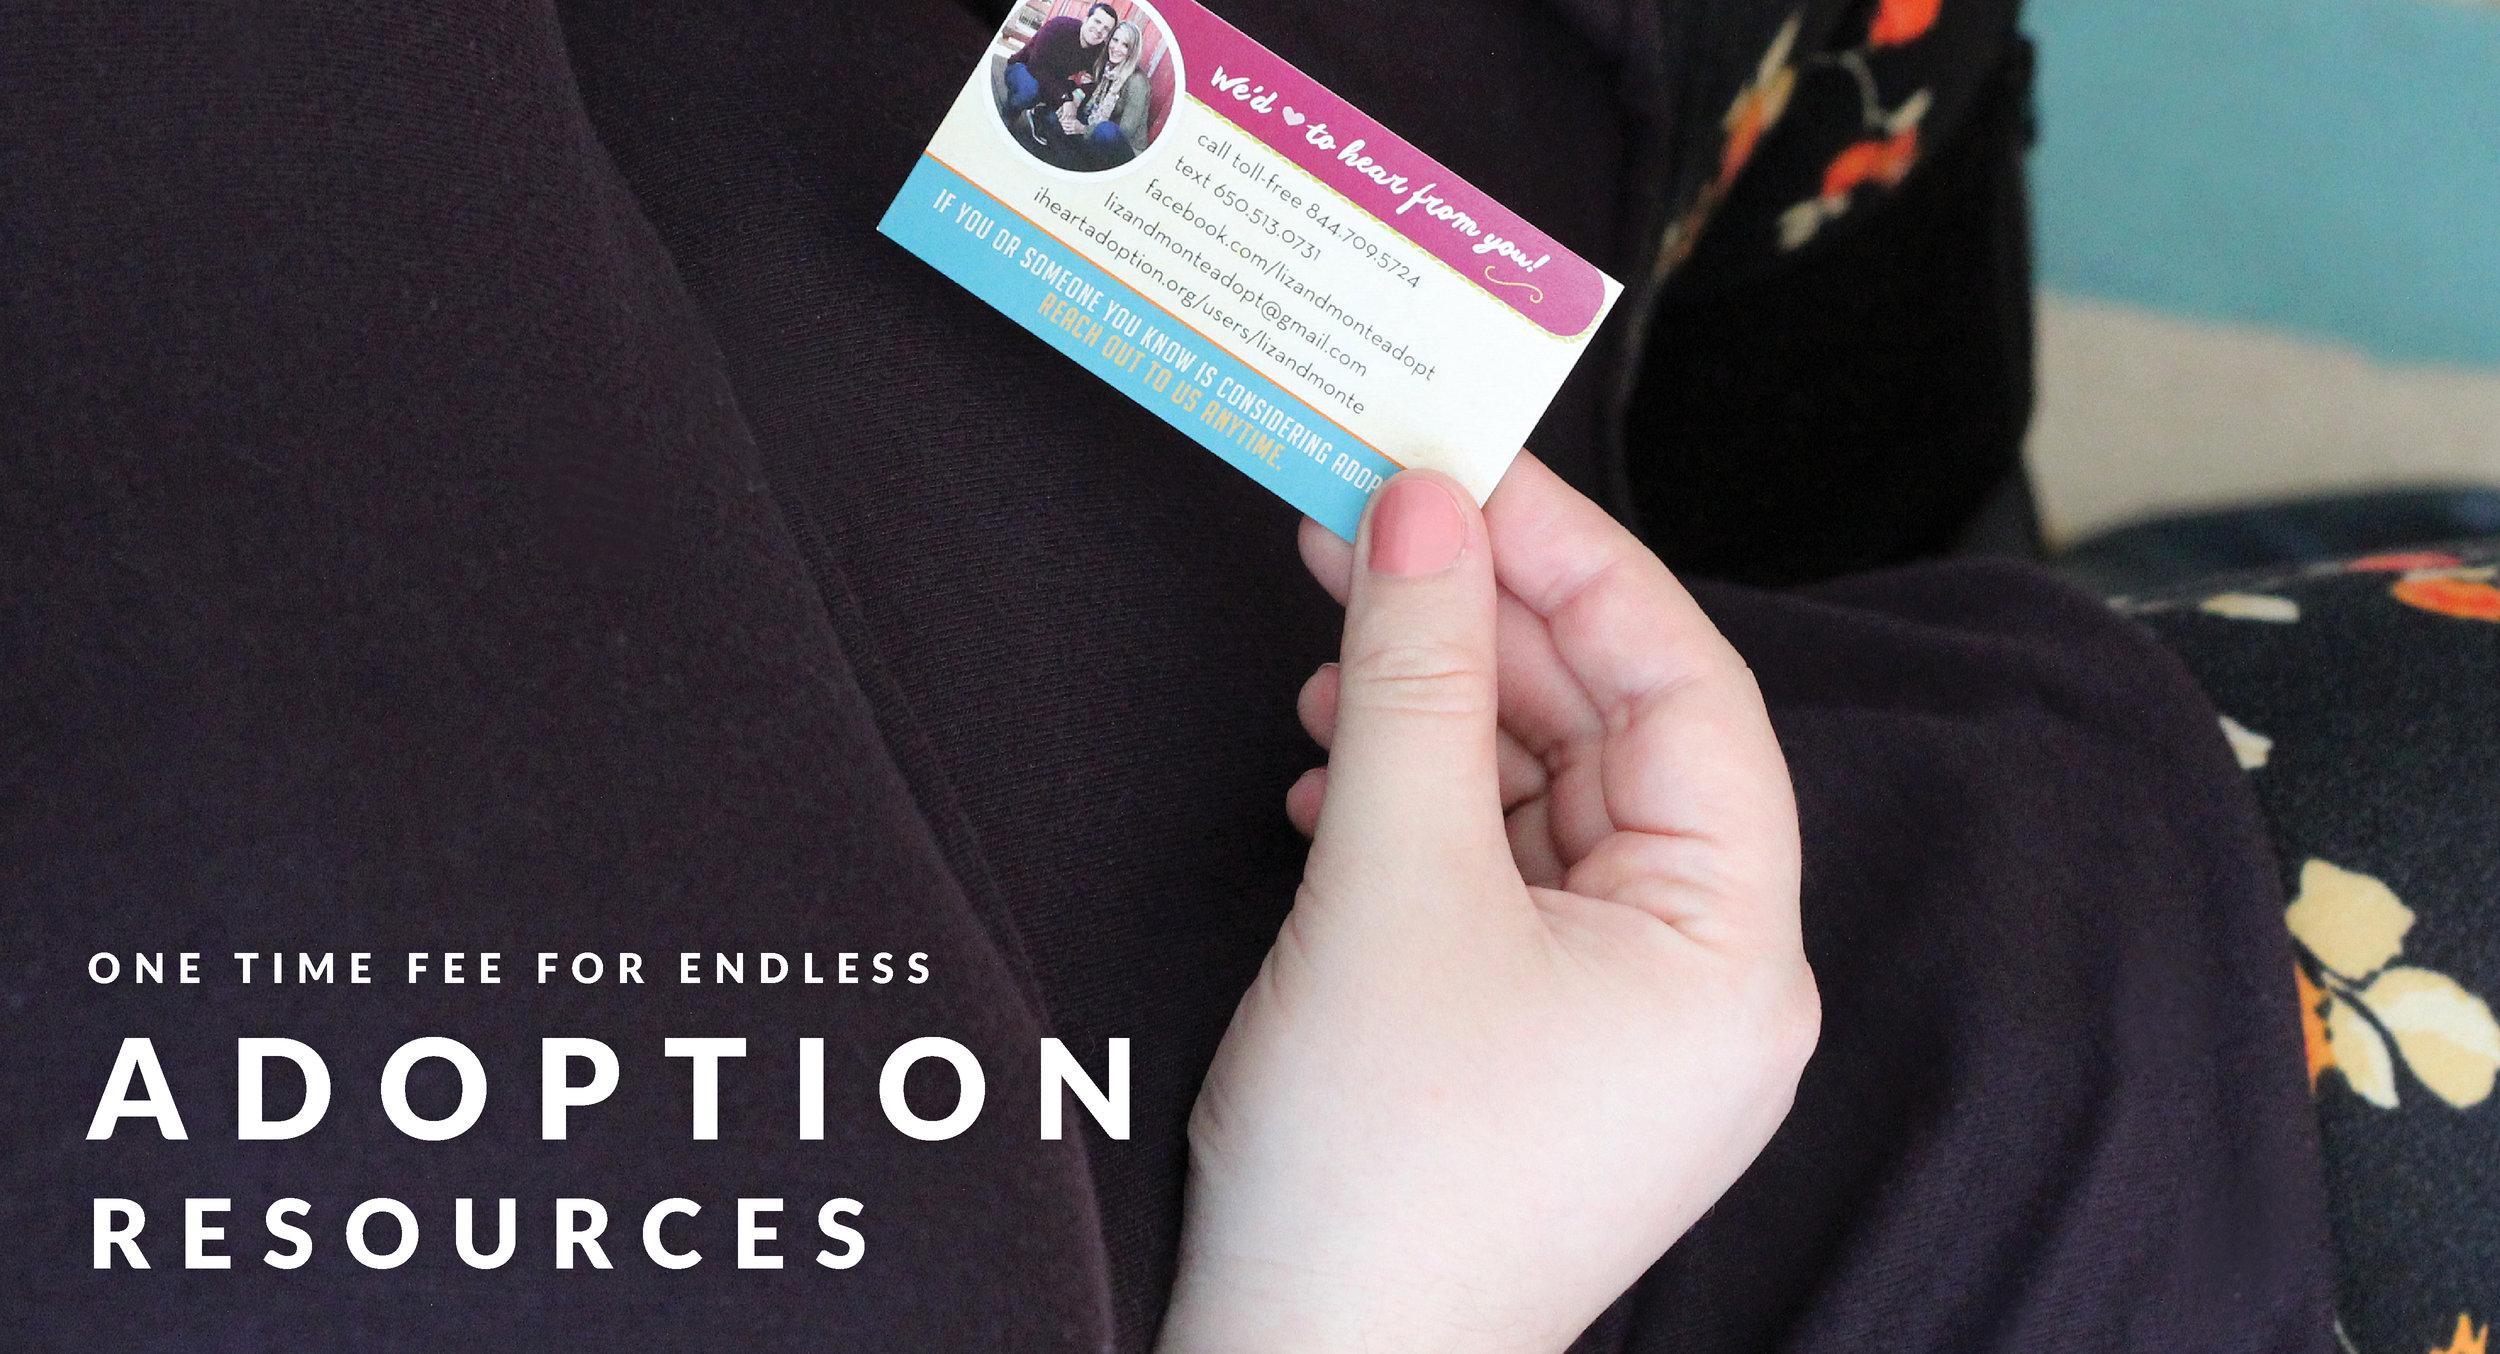 Adoption outreach cards